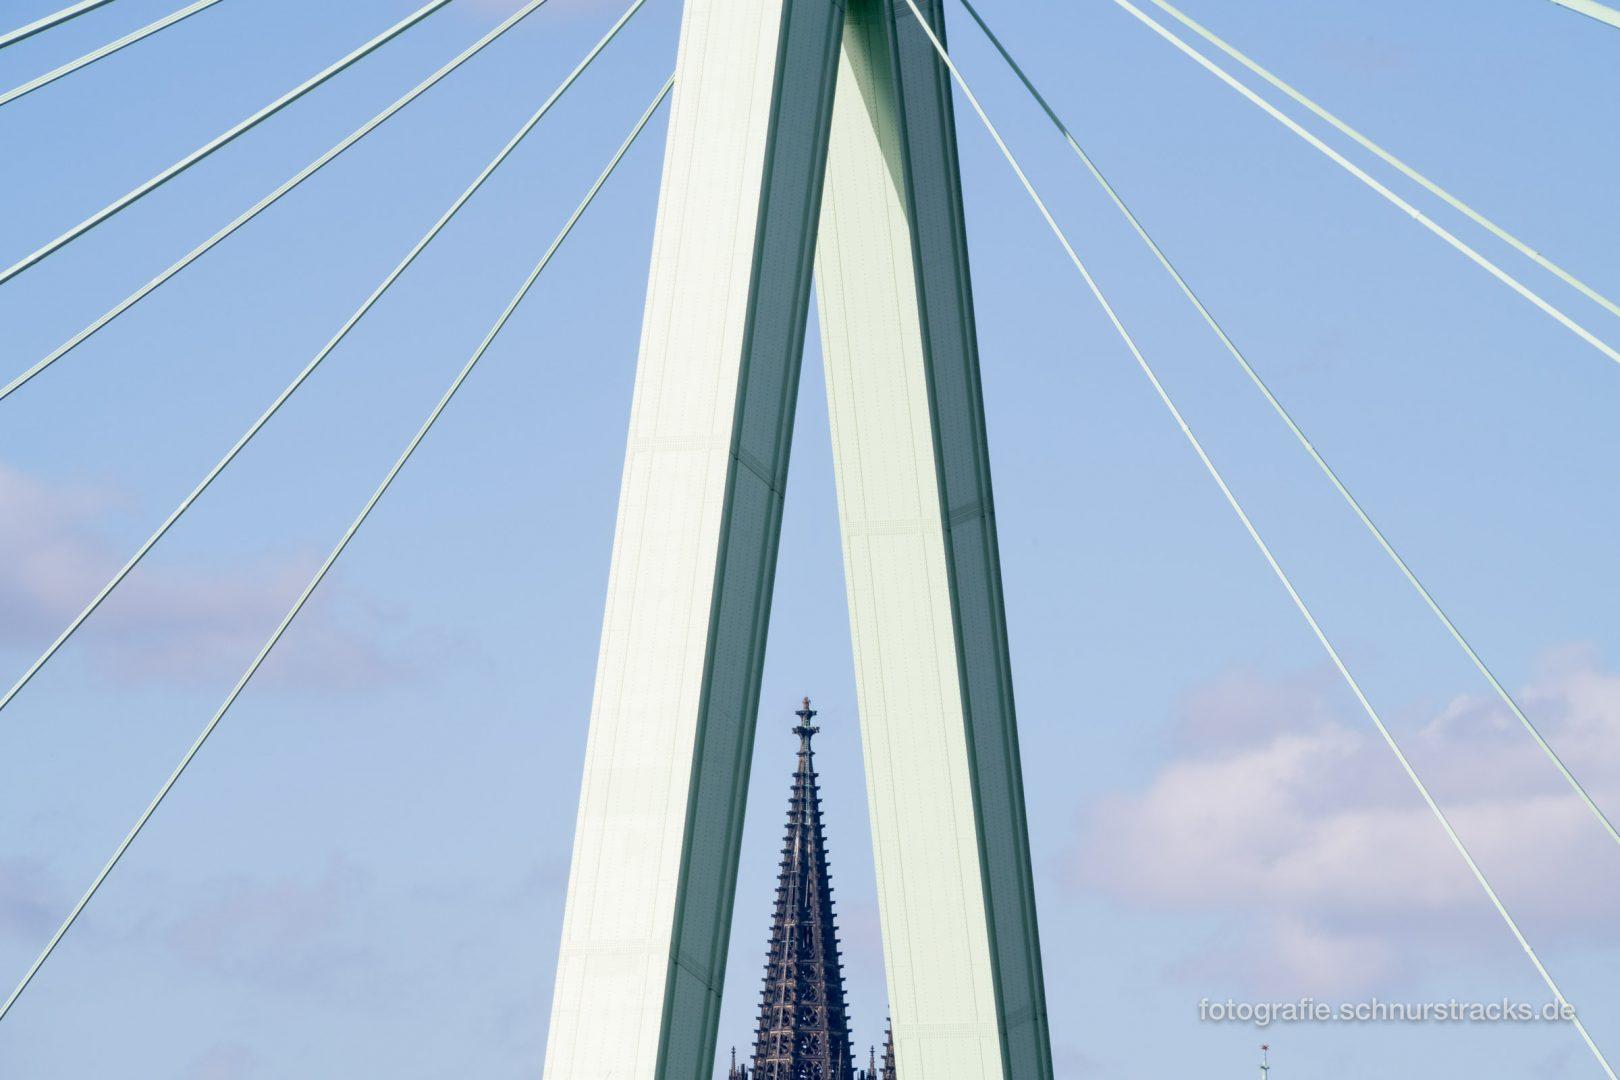 Kölner Domspitze im Pylon der Severinsbrücke #0909